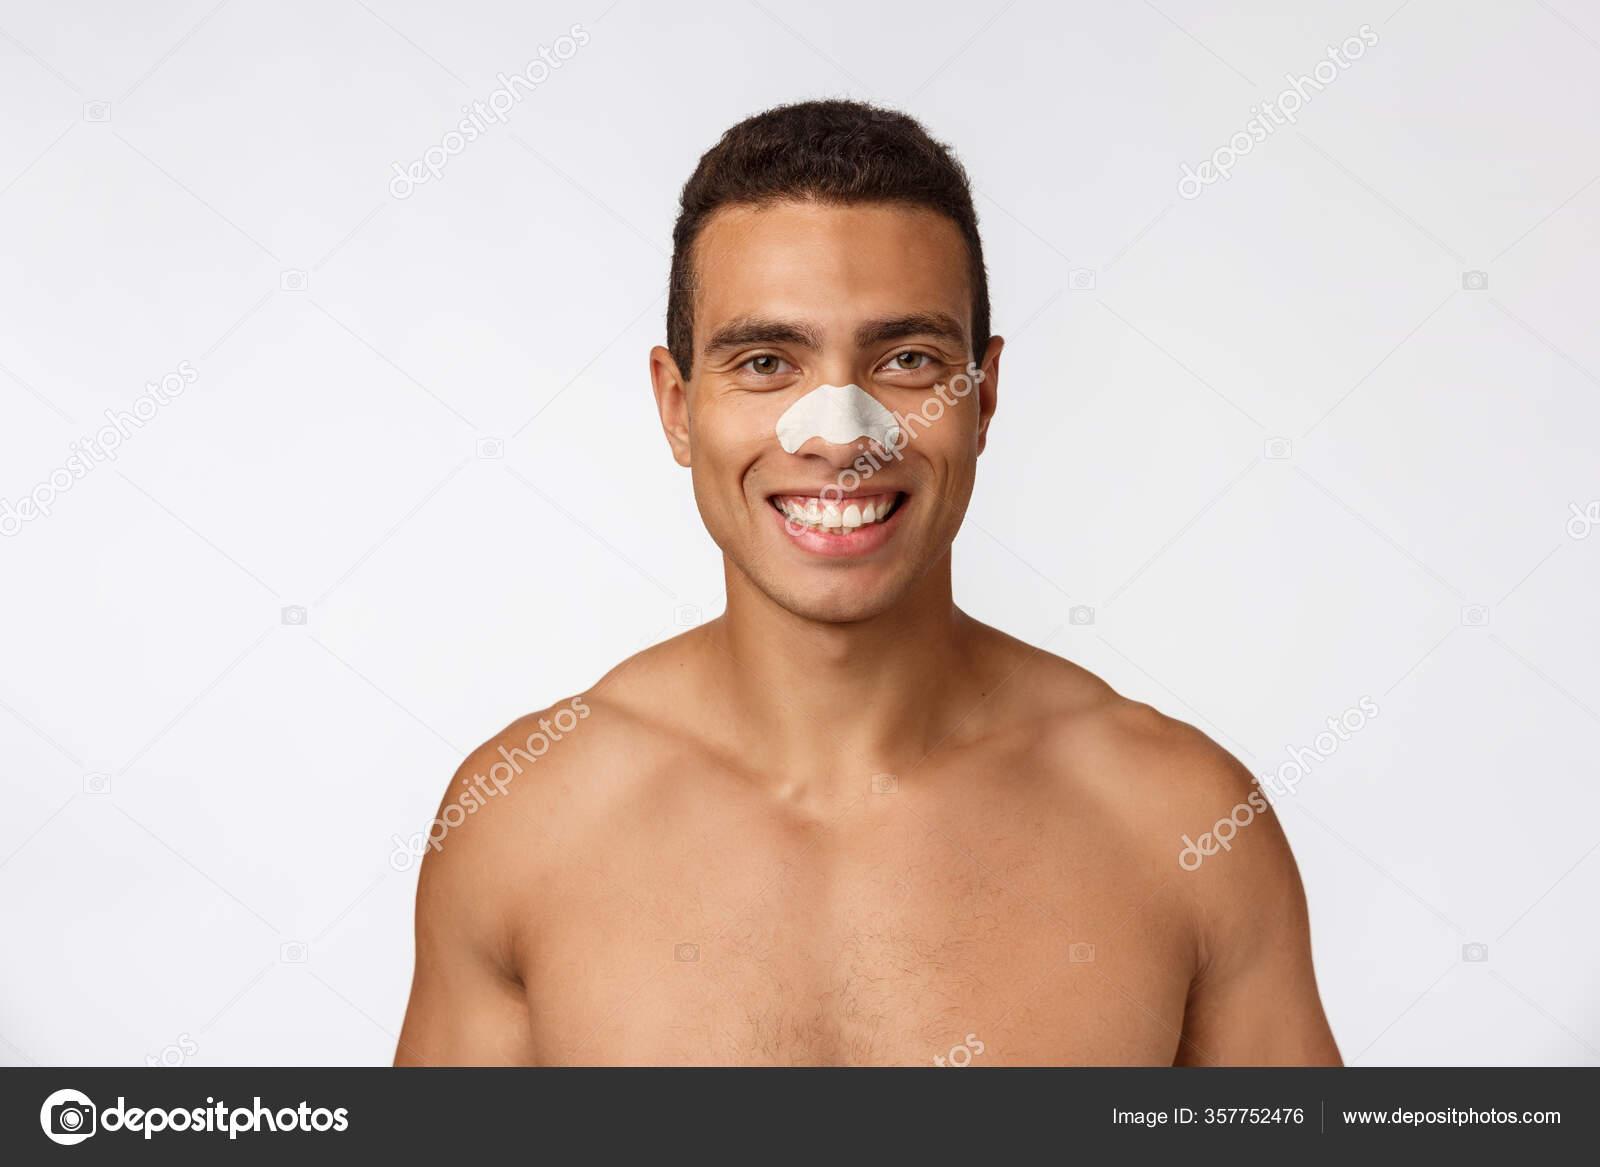 Schwarzer Junge nackt afrikanisch amerikanisch